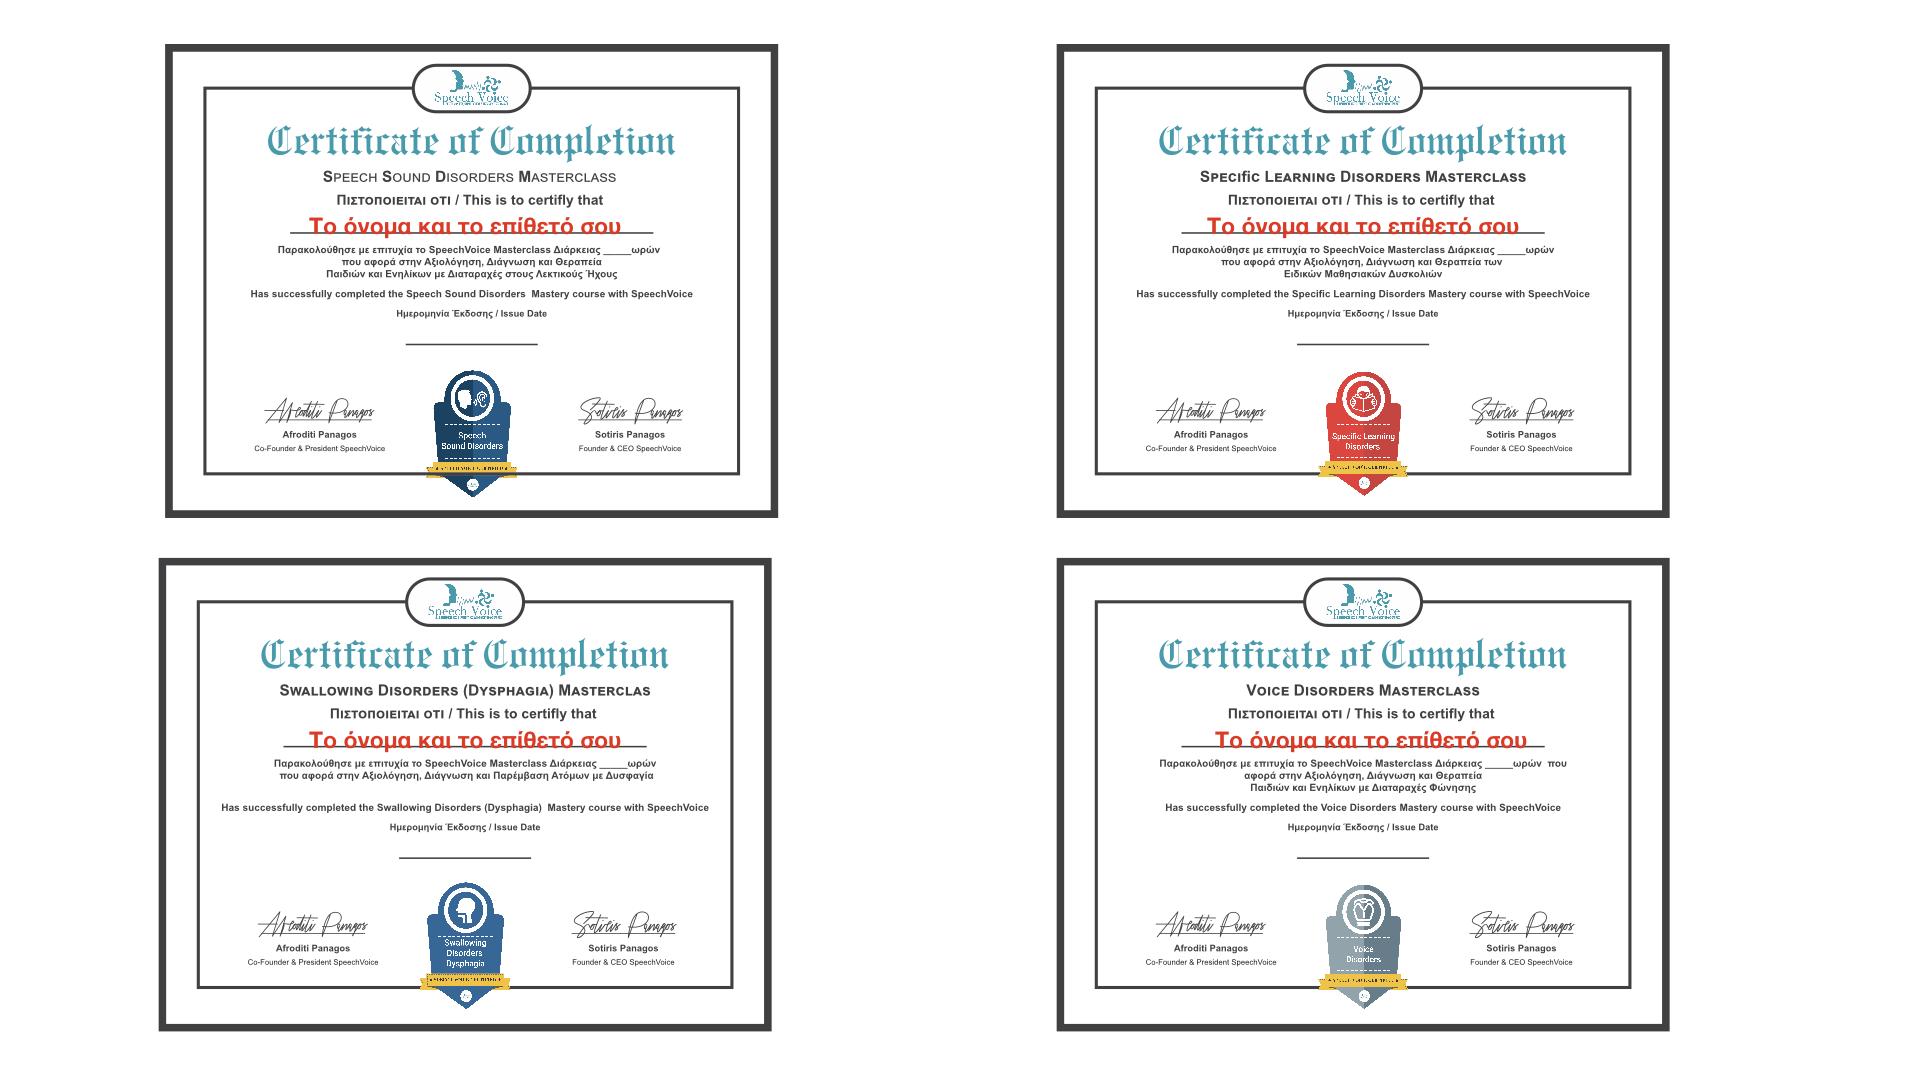 Σεμινάρια Λογοθεραπείας, Εποπτεία Λογοθεραπευτών, Σεμινάρια για Λογοθεραπευτές, Σεμινάρια Λογοθεραπείας 2020 2021 2022,Σεμινάρια Ειδικής Αγωγής, Πρακτικά Σεμινάρια για Λογοθεραπευτές, Διεπιστημονικό Κέντρο, Σεμινάρια Αυτισμού, Σεμινάρια Τραυλισμού, Σεμινάρια Δυσφαγίας, Σεμινάρια ΔΕΠΥ, Σεμινάρια Φώνησης, Μαθήματα Εξεταστικής Λογοθεραπείας, Φοιτητές Λογοθεραπείας, Σεμινάρια Αρθρωτικών και Φωνολογικών Διαταραχών